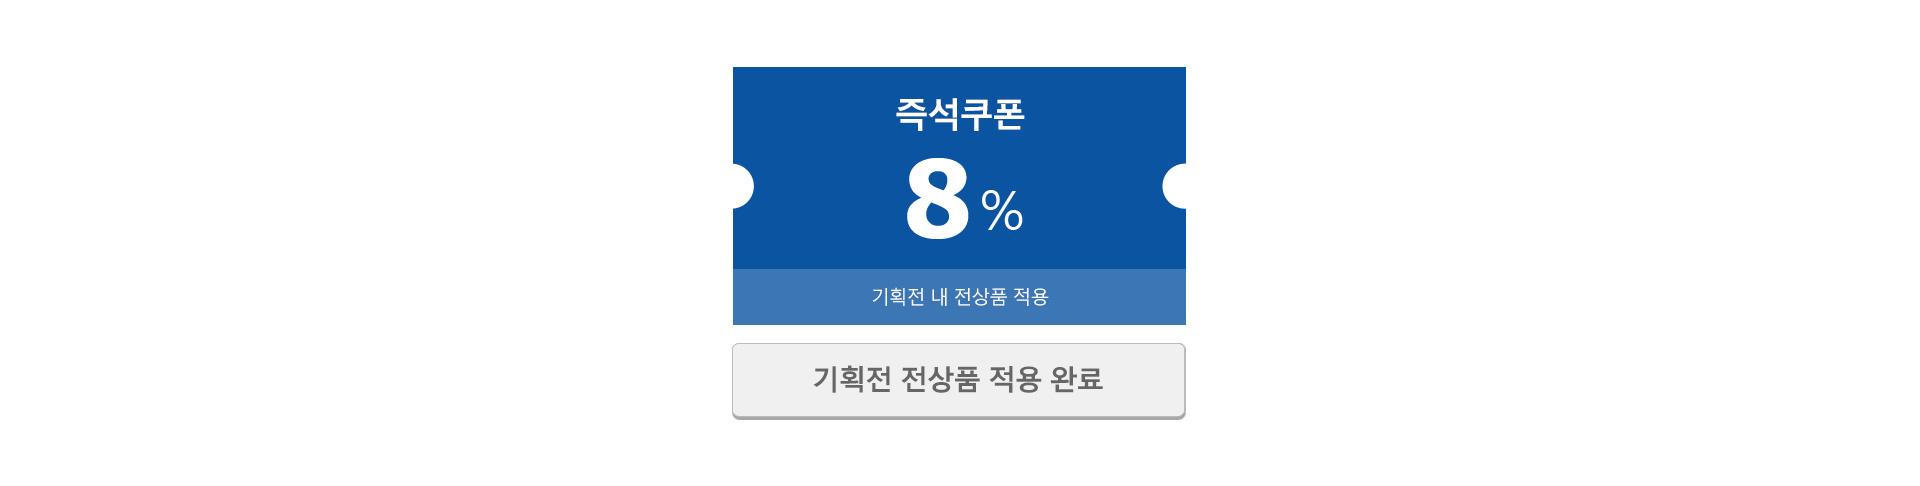 즉석쿠폰 8% 기획전 내 전상풍 적용 기획전 전상품 적용완료